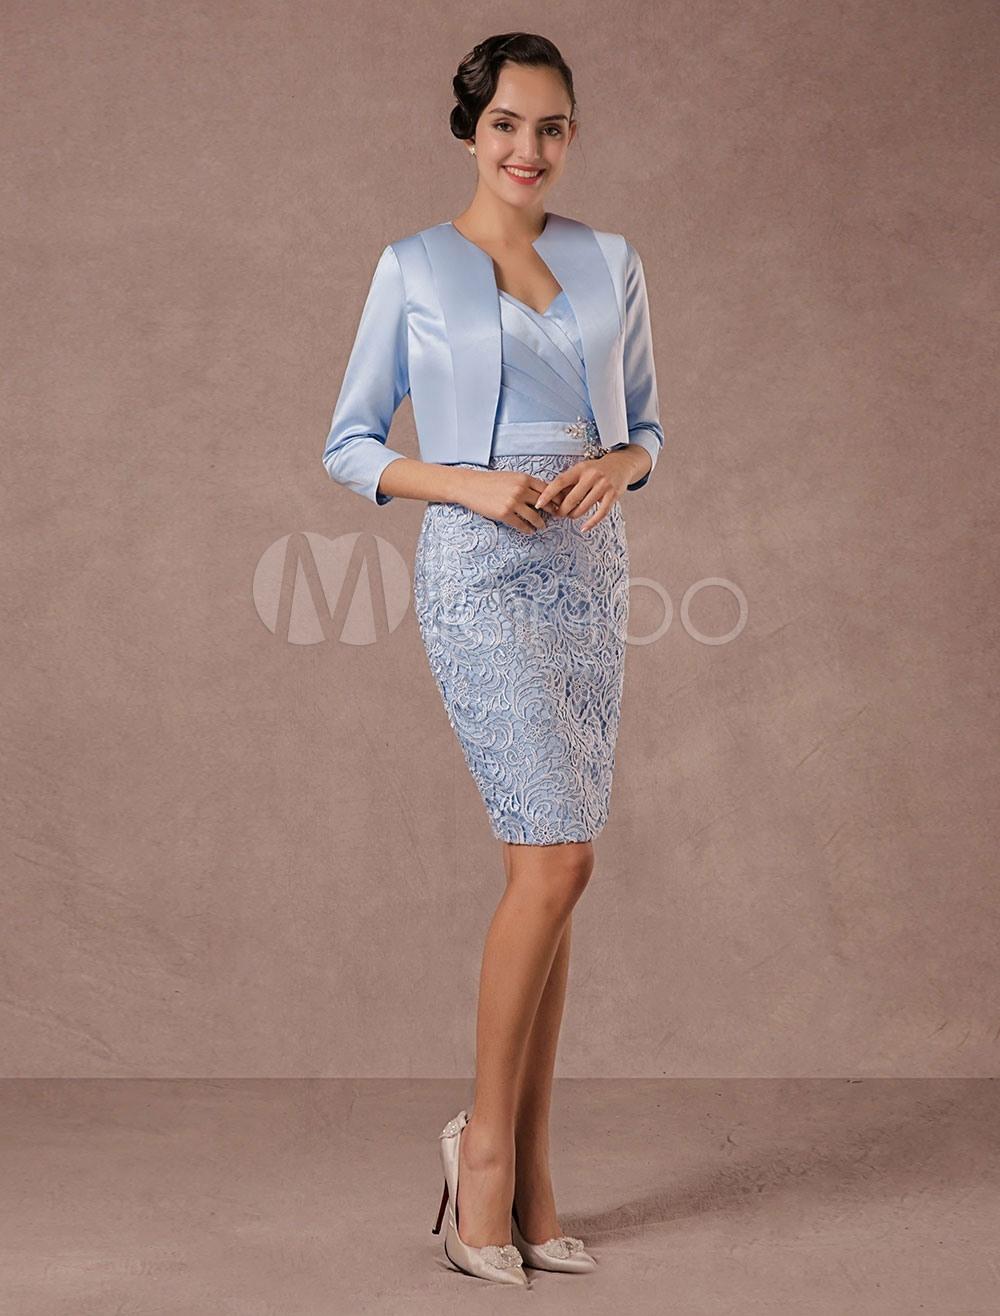 13 Schön Damen Kleider Für Besondere Anlässe GalerieAbend Einfach Damen Kleider Für Besondere Anlässe Vertrieb